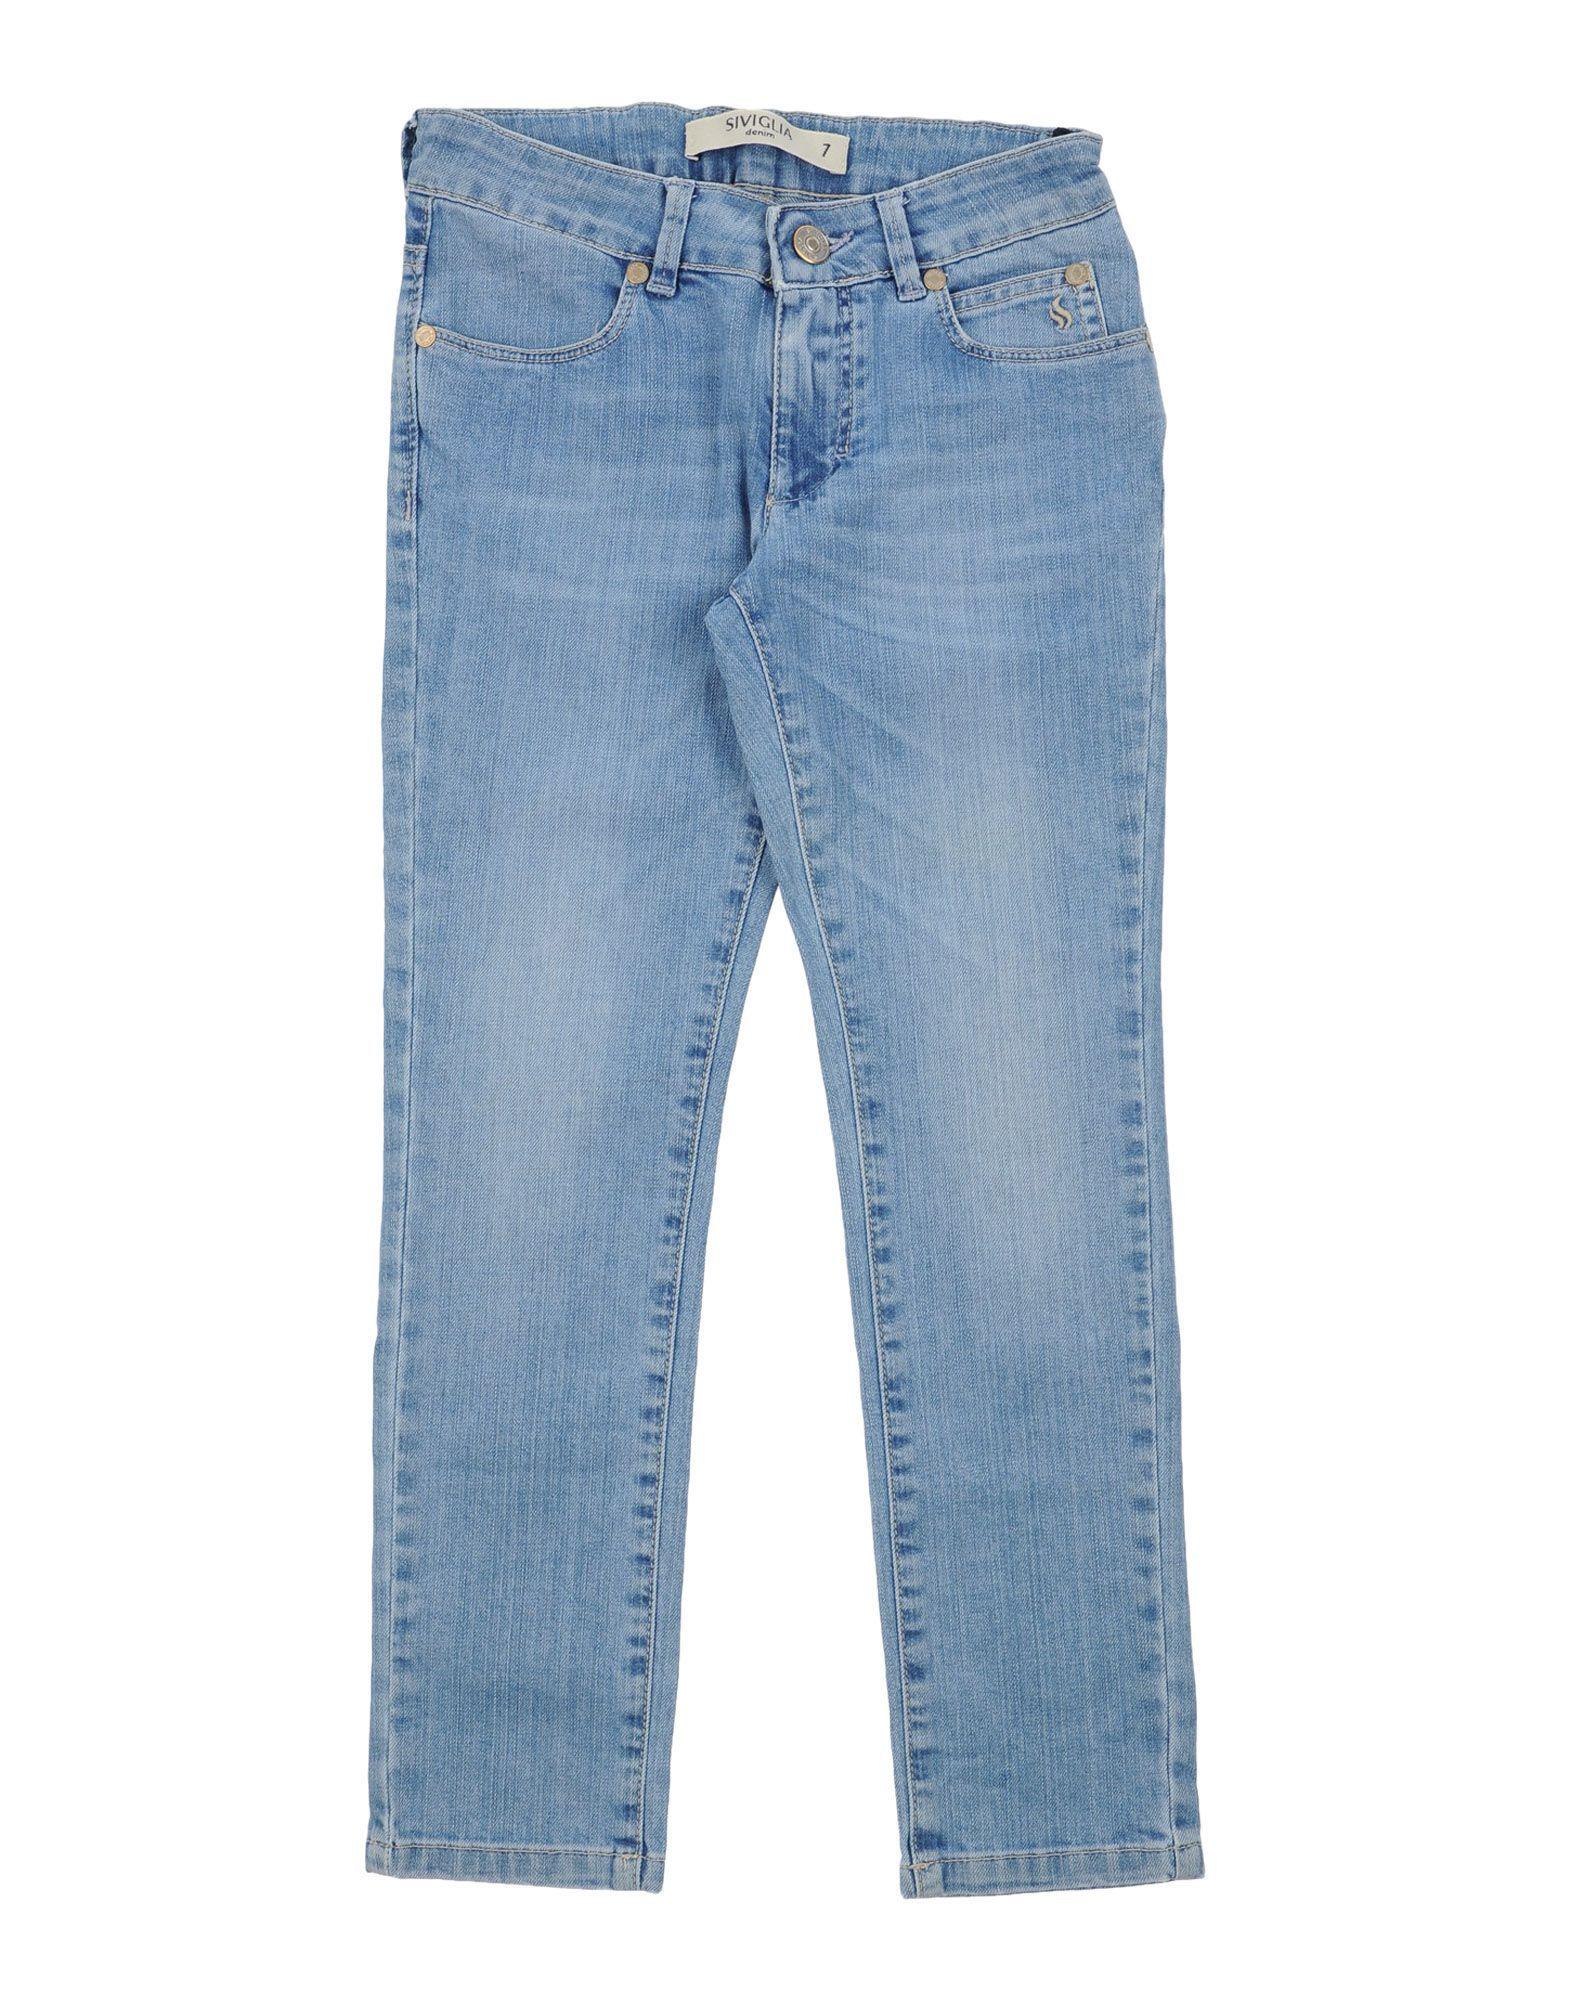 DENIM Siviglia Blue Girl Cotton